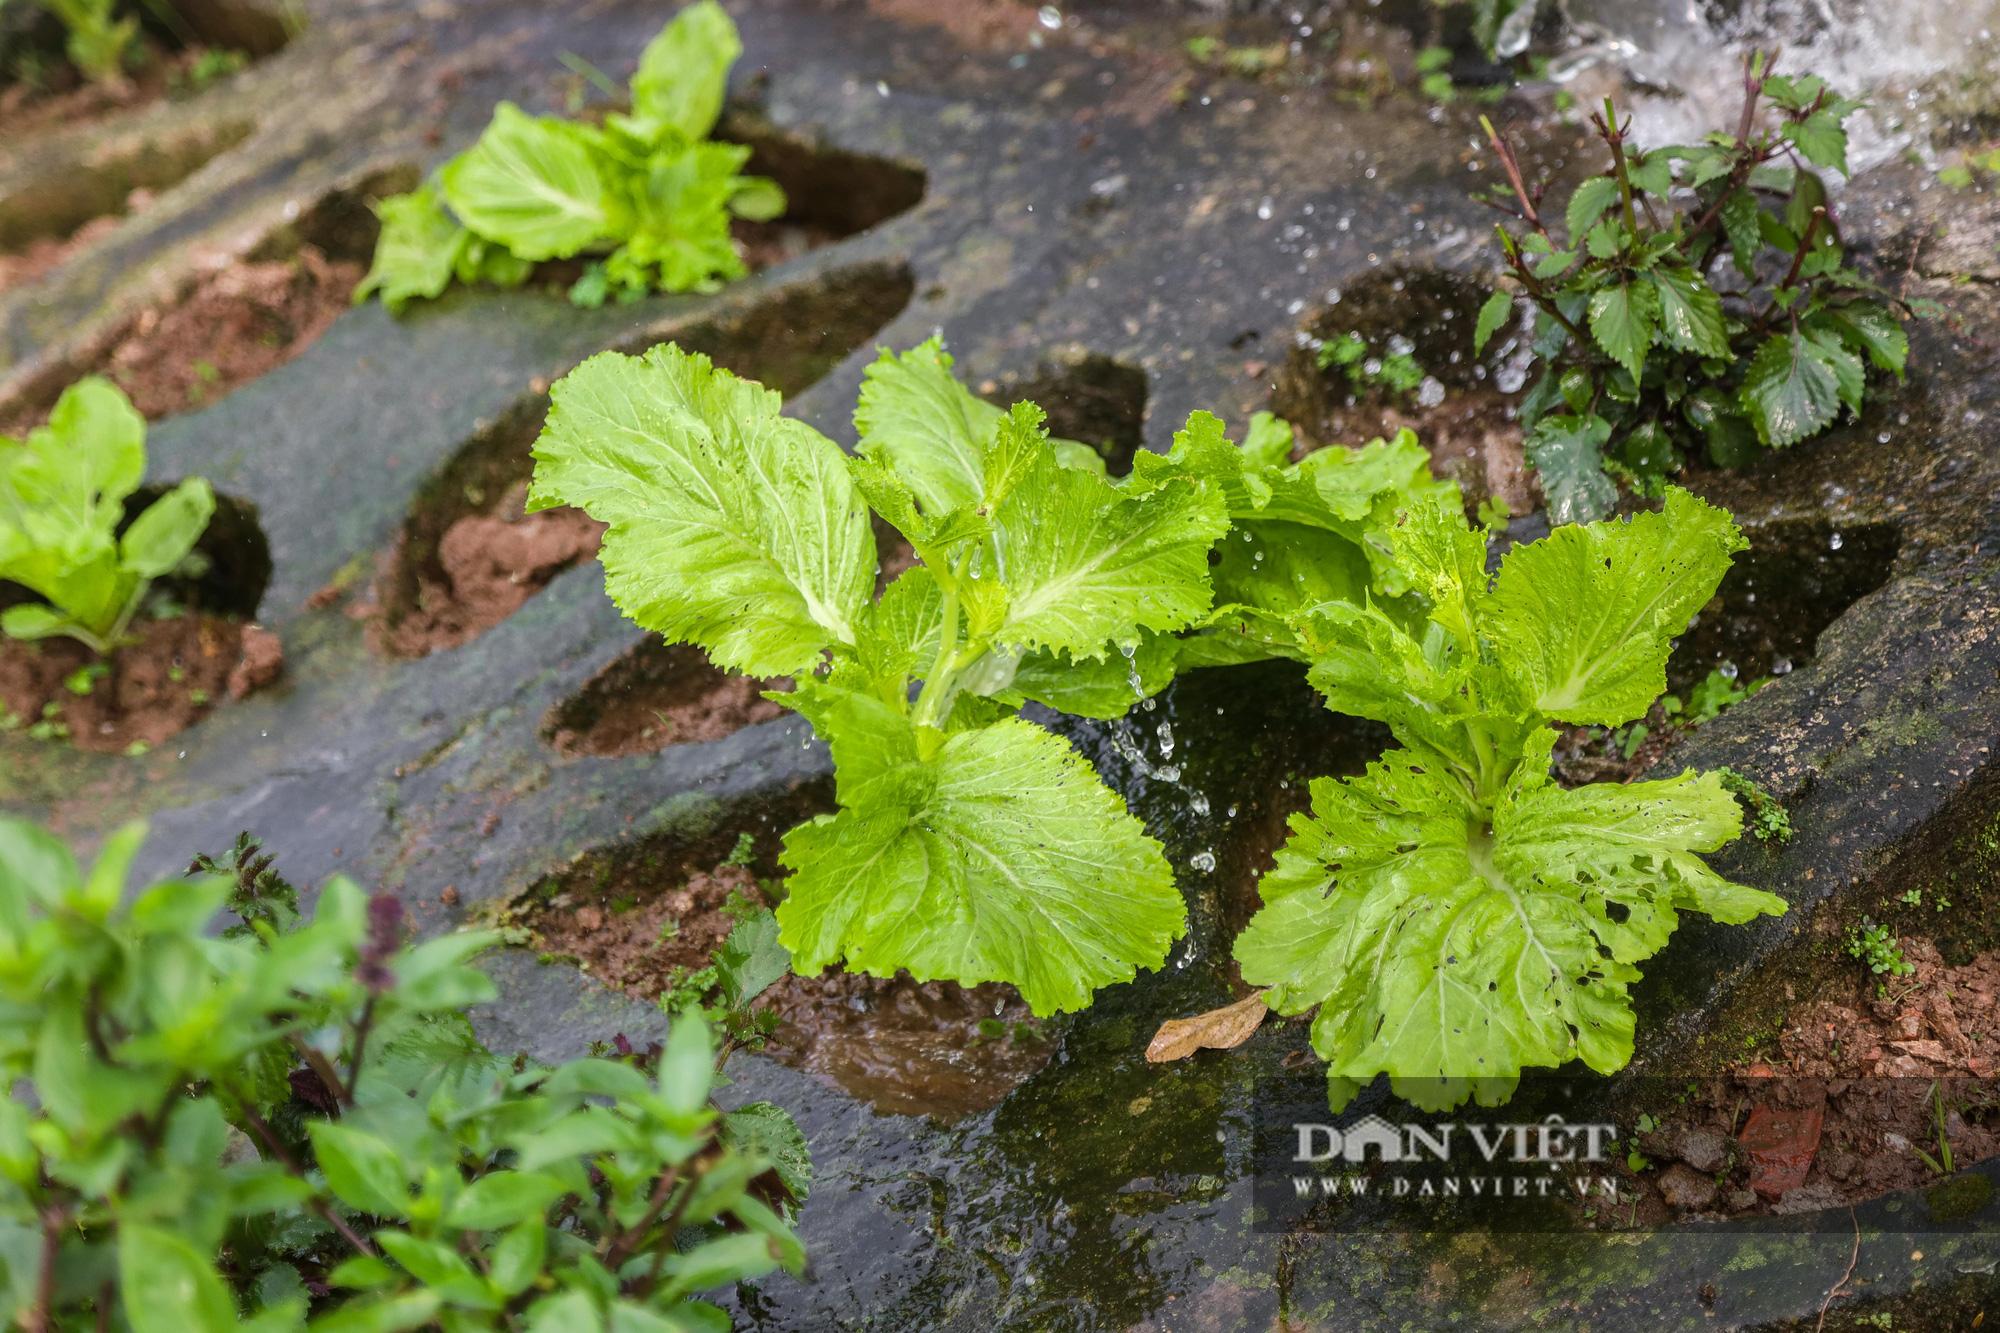 Độc đáo mô hình trồng rau hốc đá ven hồ ở Hà Nội - Ảnh 9.